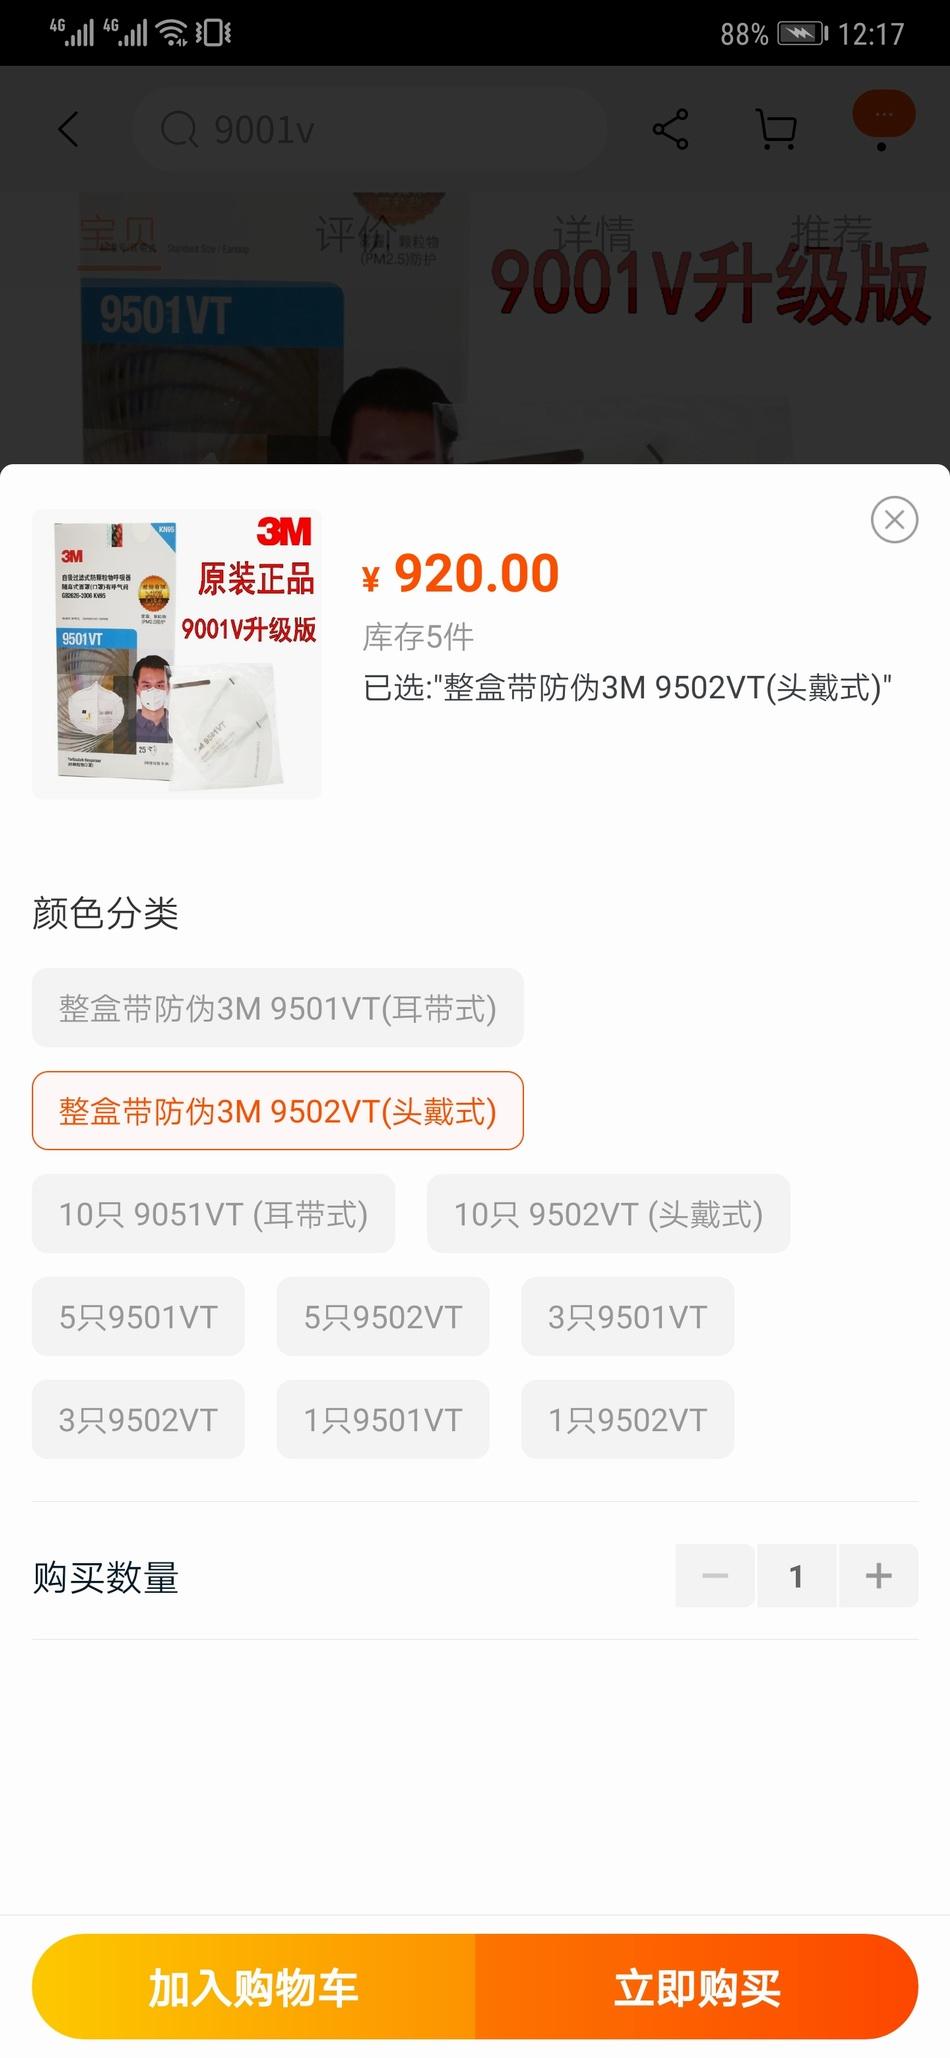 http://www.xqweigou.com/dianshangrenwu/102217.html